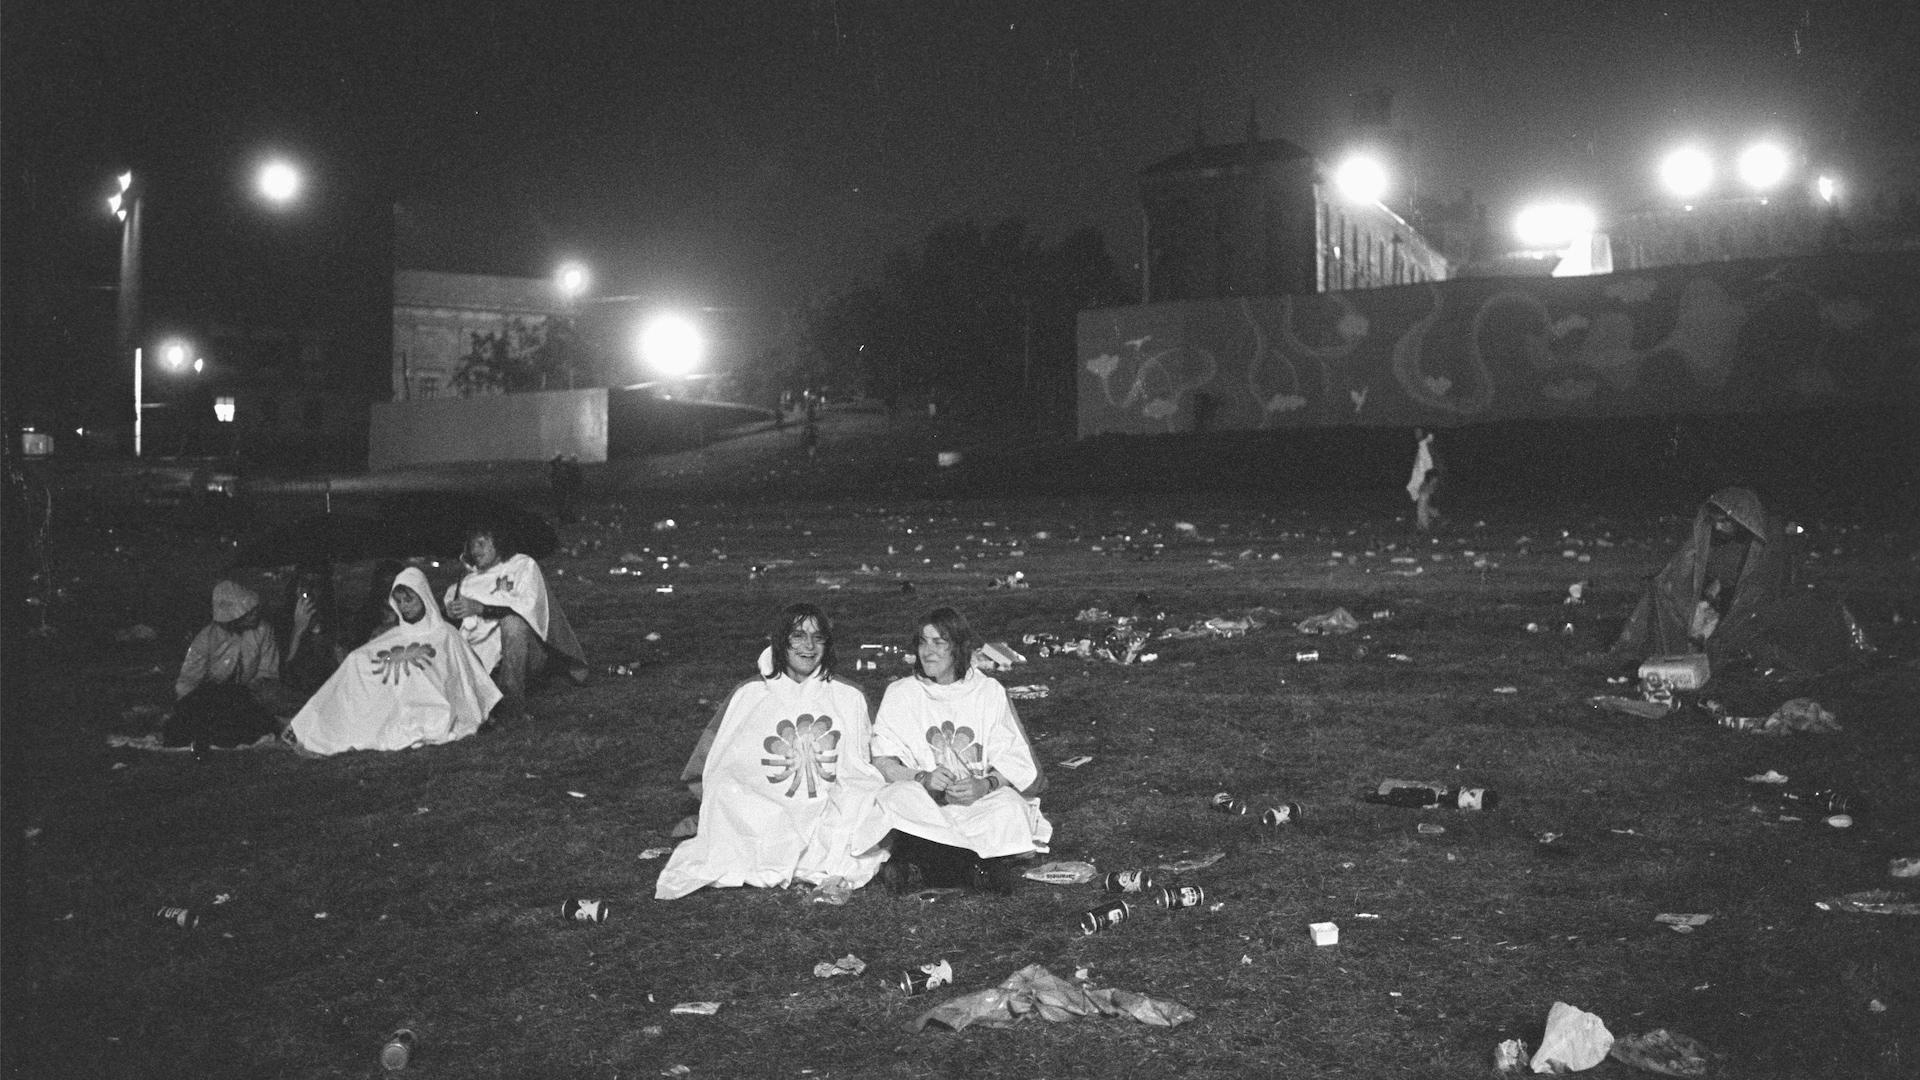 Des festivaliers assis sur le terrain presque désert et jonché de détritus se font mouiller après le spectacle, et ils ont l'air de trouver ça très drôle!